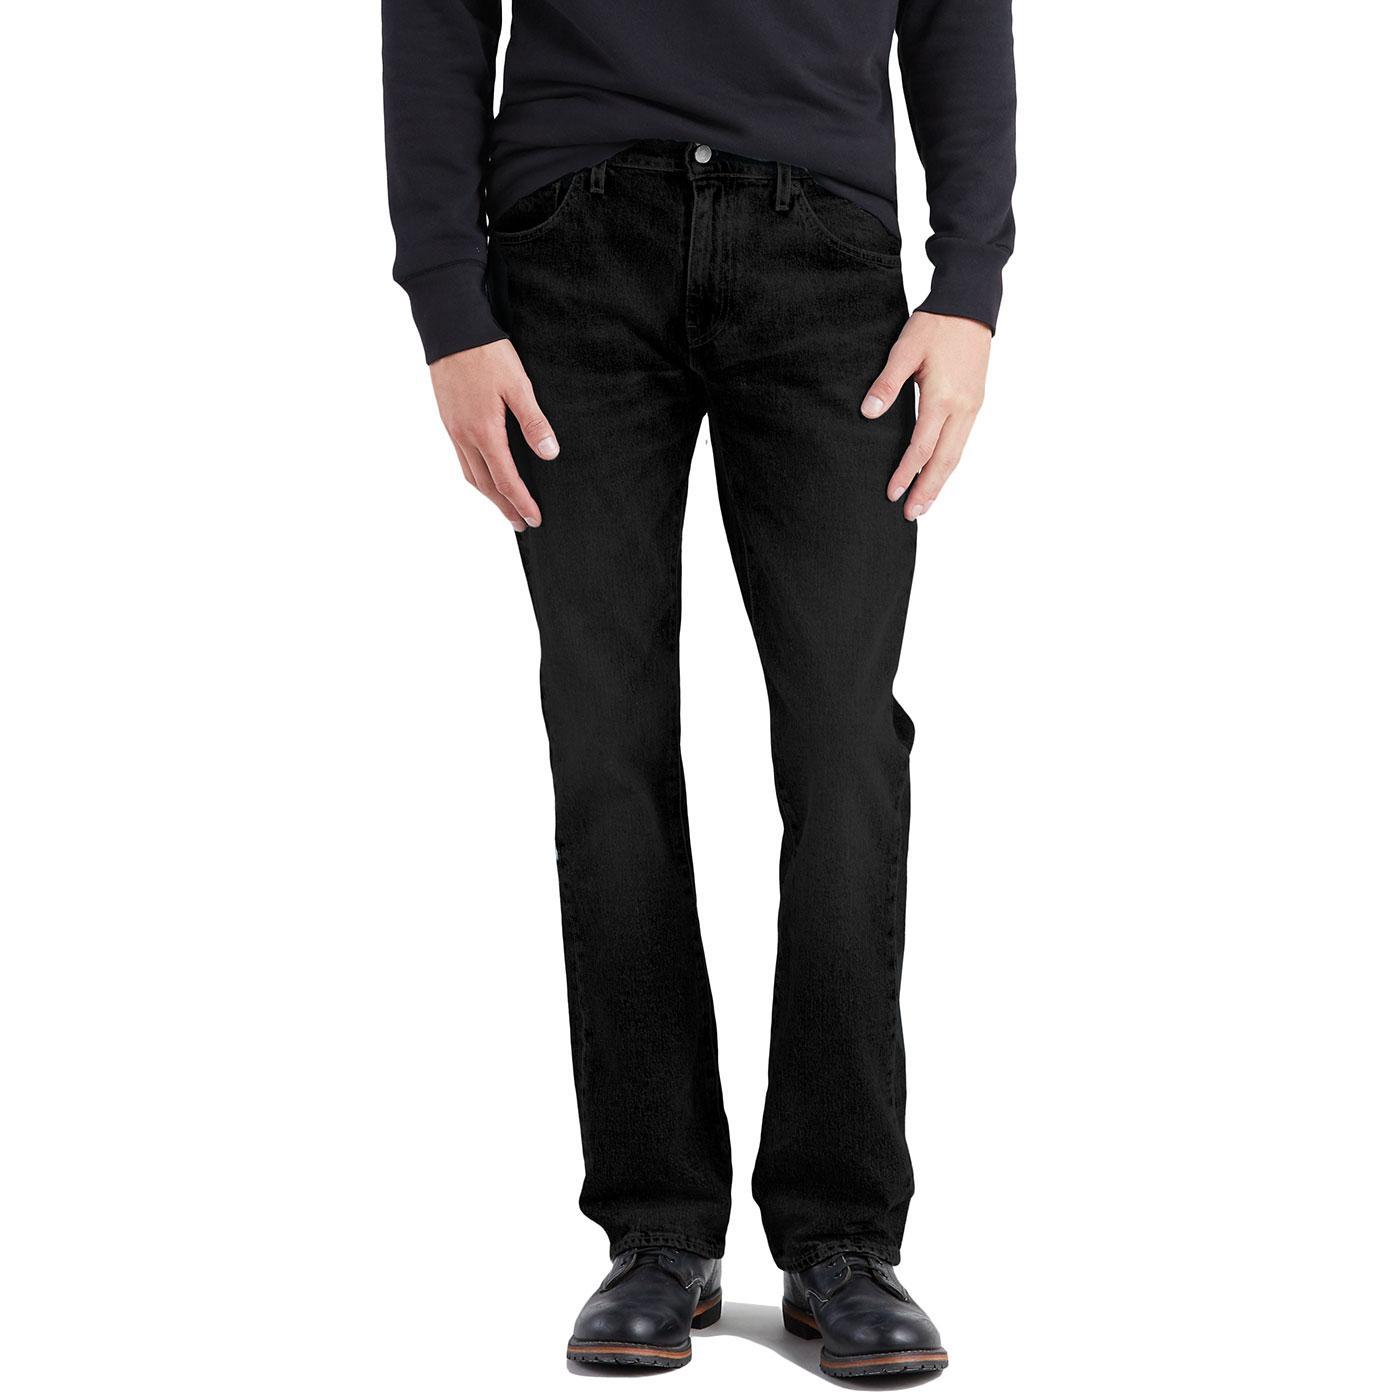 Levis 527 Mens Bootcut Jeans